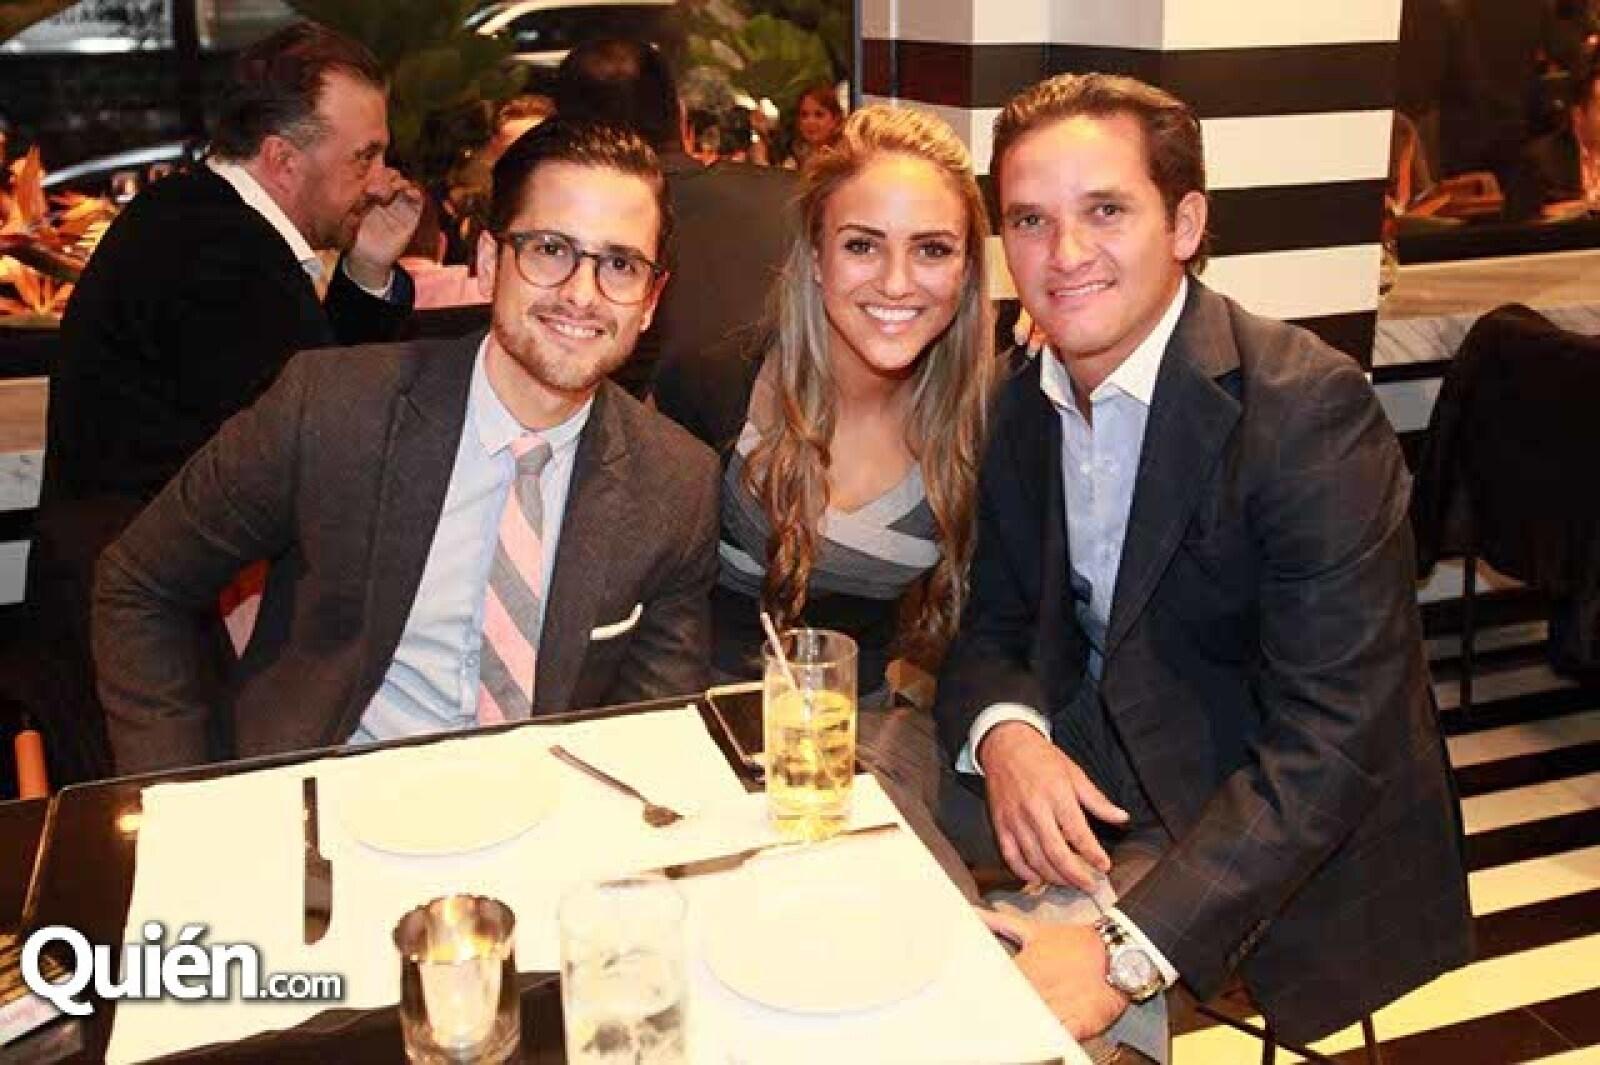 Mariano Maldonado,Daniella Hakim y Rene Rodríguez